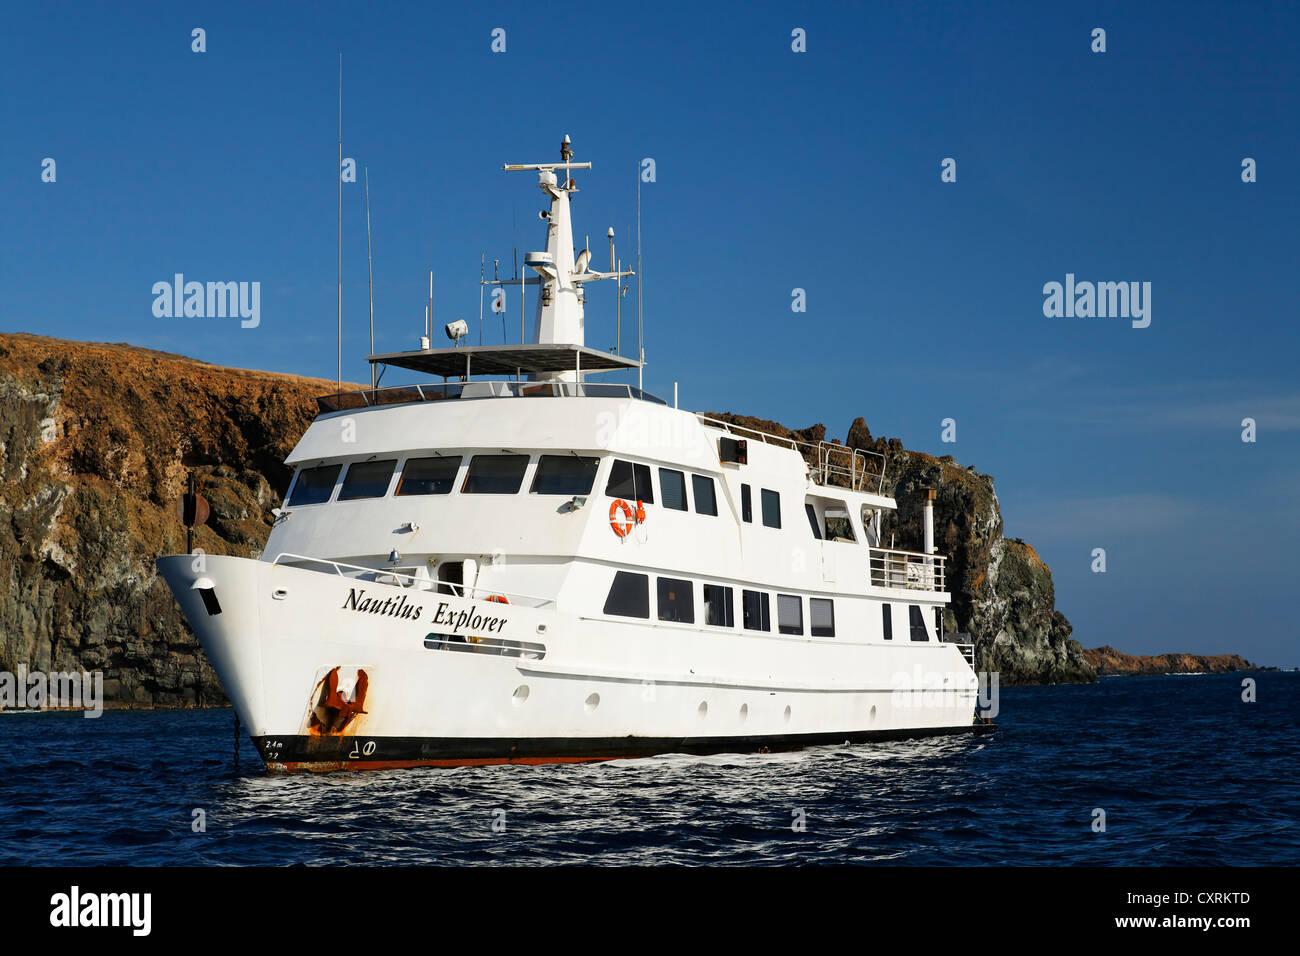 Schiff, Tauchsafari, Indian Ocean Explorer vor der Klippe Küste, San Benedicto Insel, in der Nähe von Stockbild